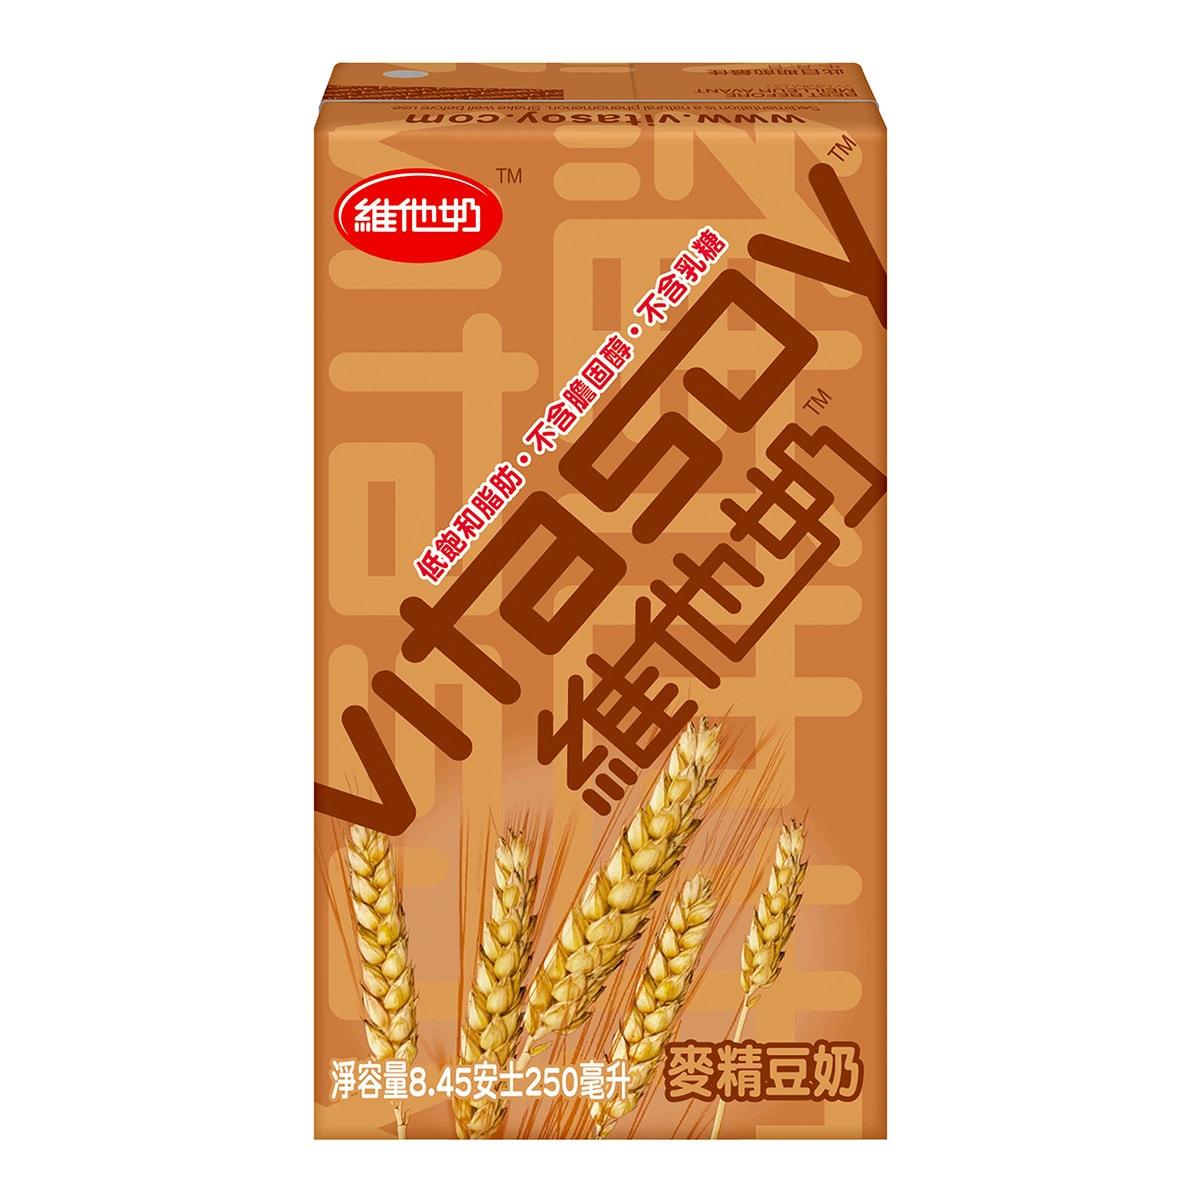 香港VITASOY维他奶 麦精豆奶饮品 250ml